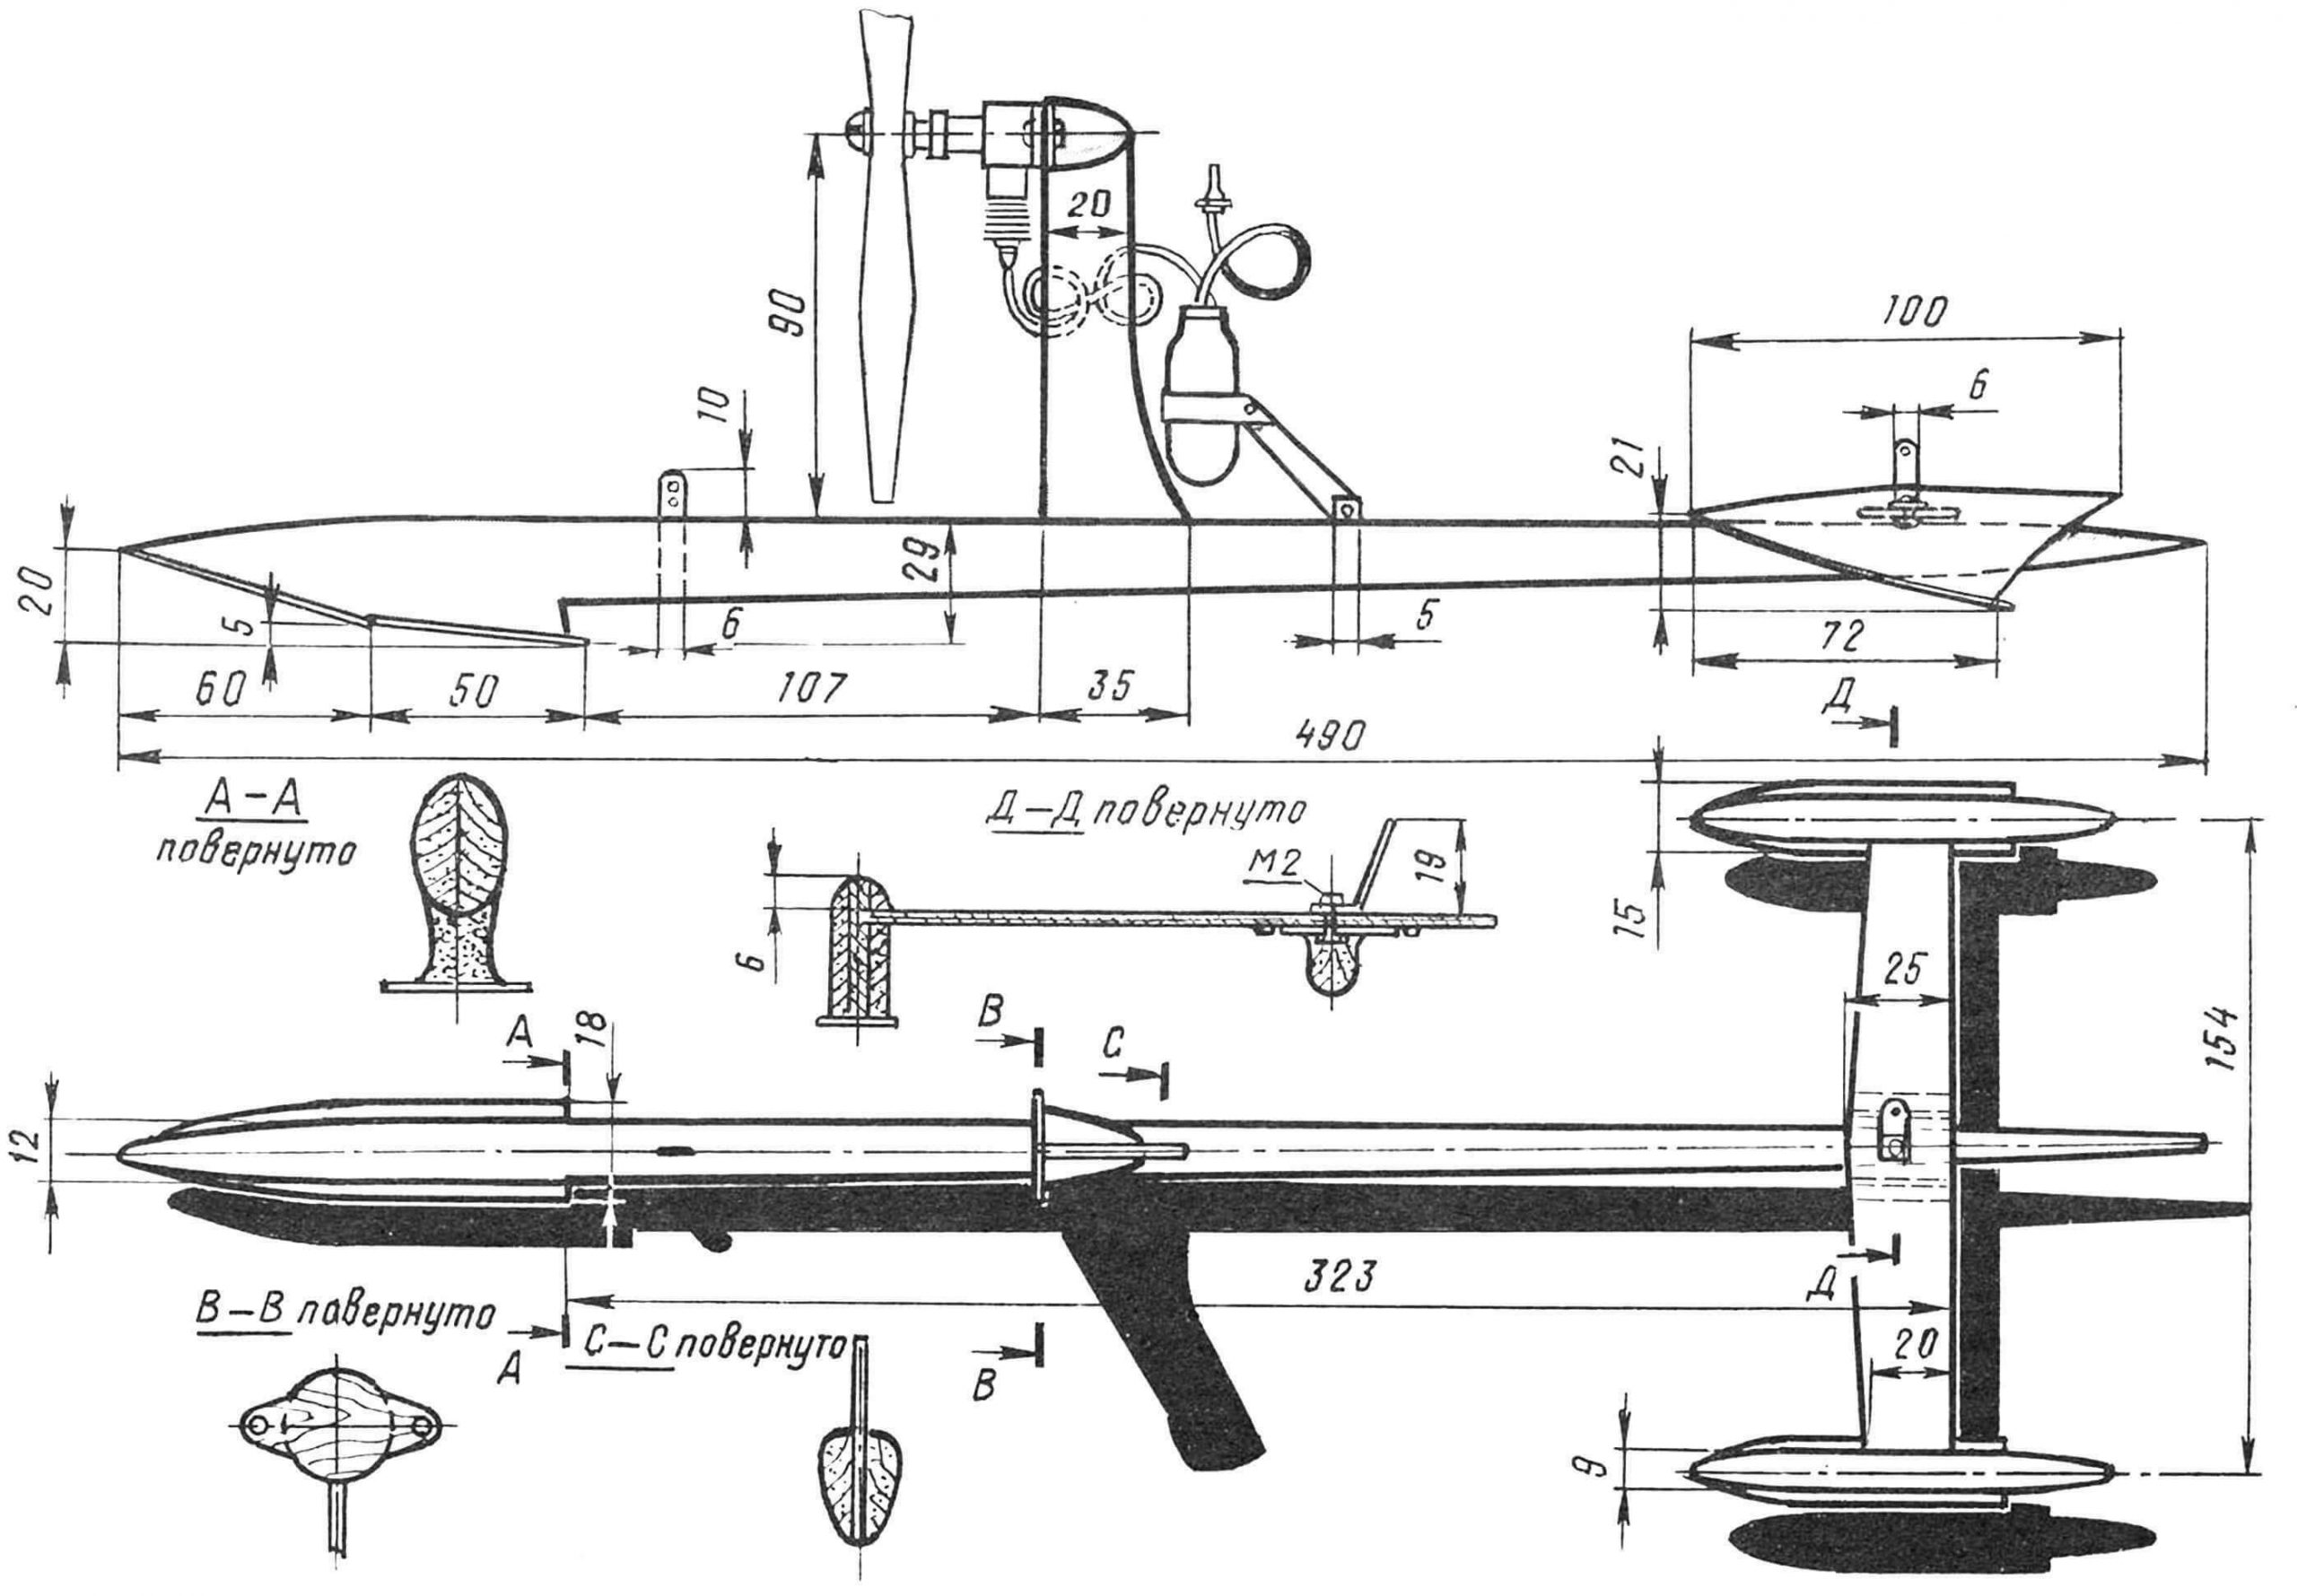 Кордовая скоростная модель аэроглиссера с двигателем, работающим на сжиженном углекислом газе